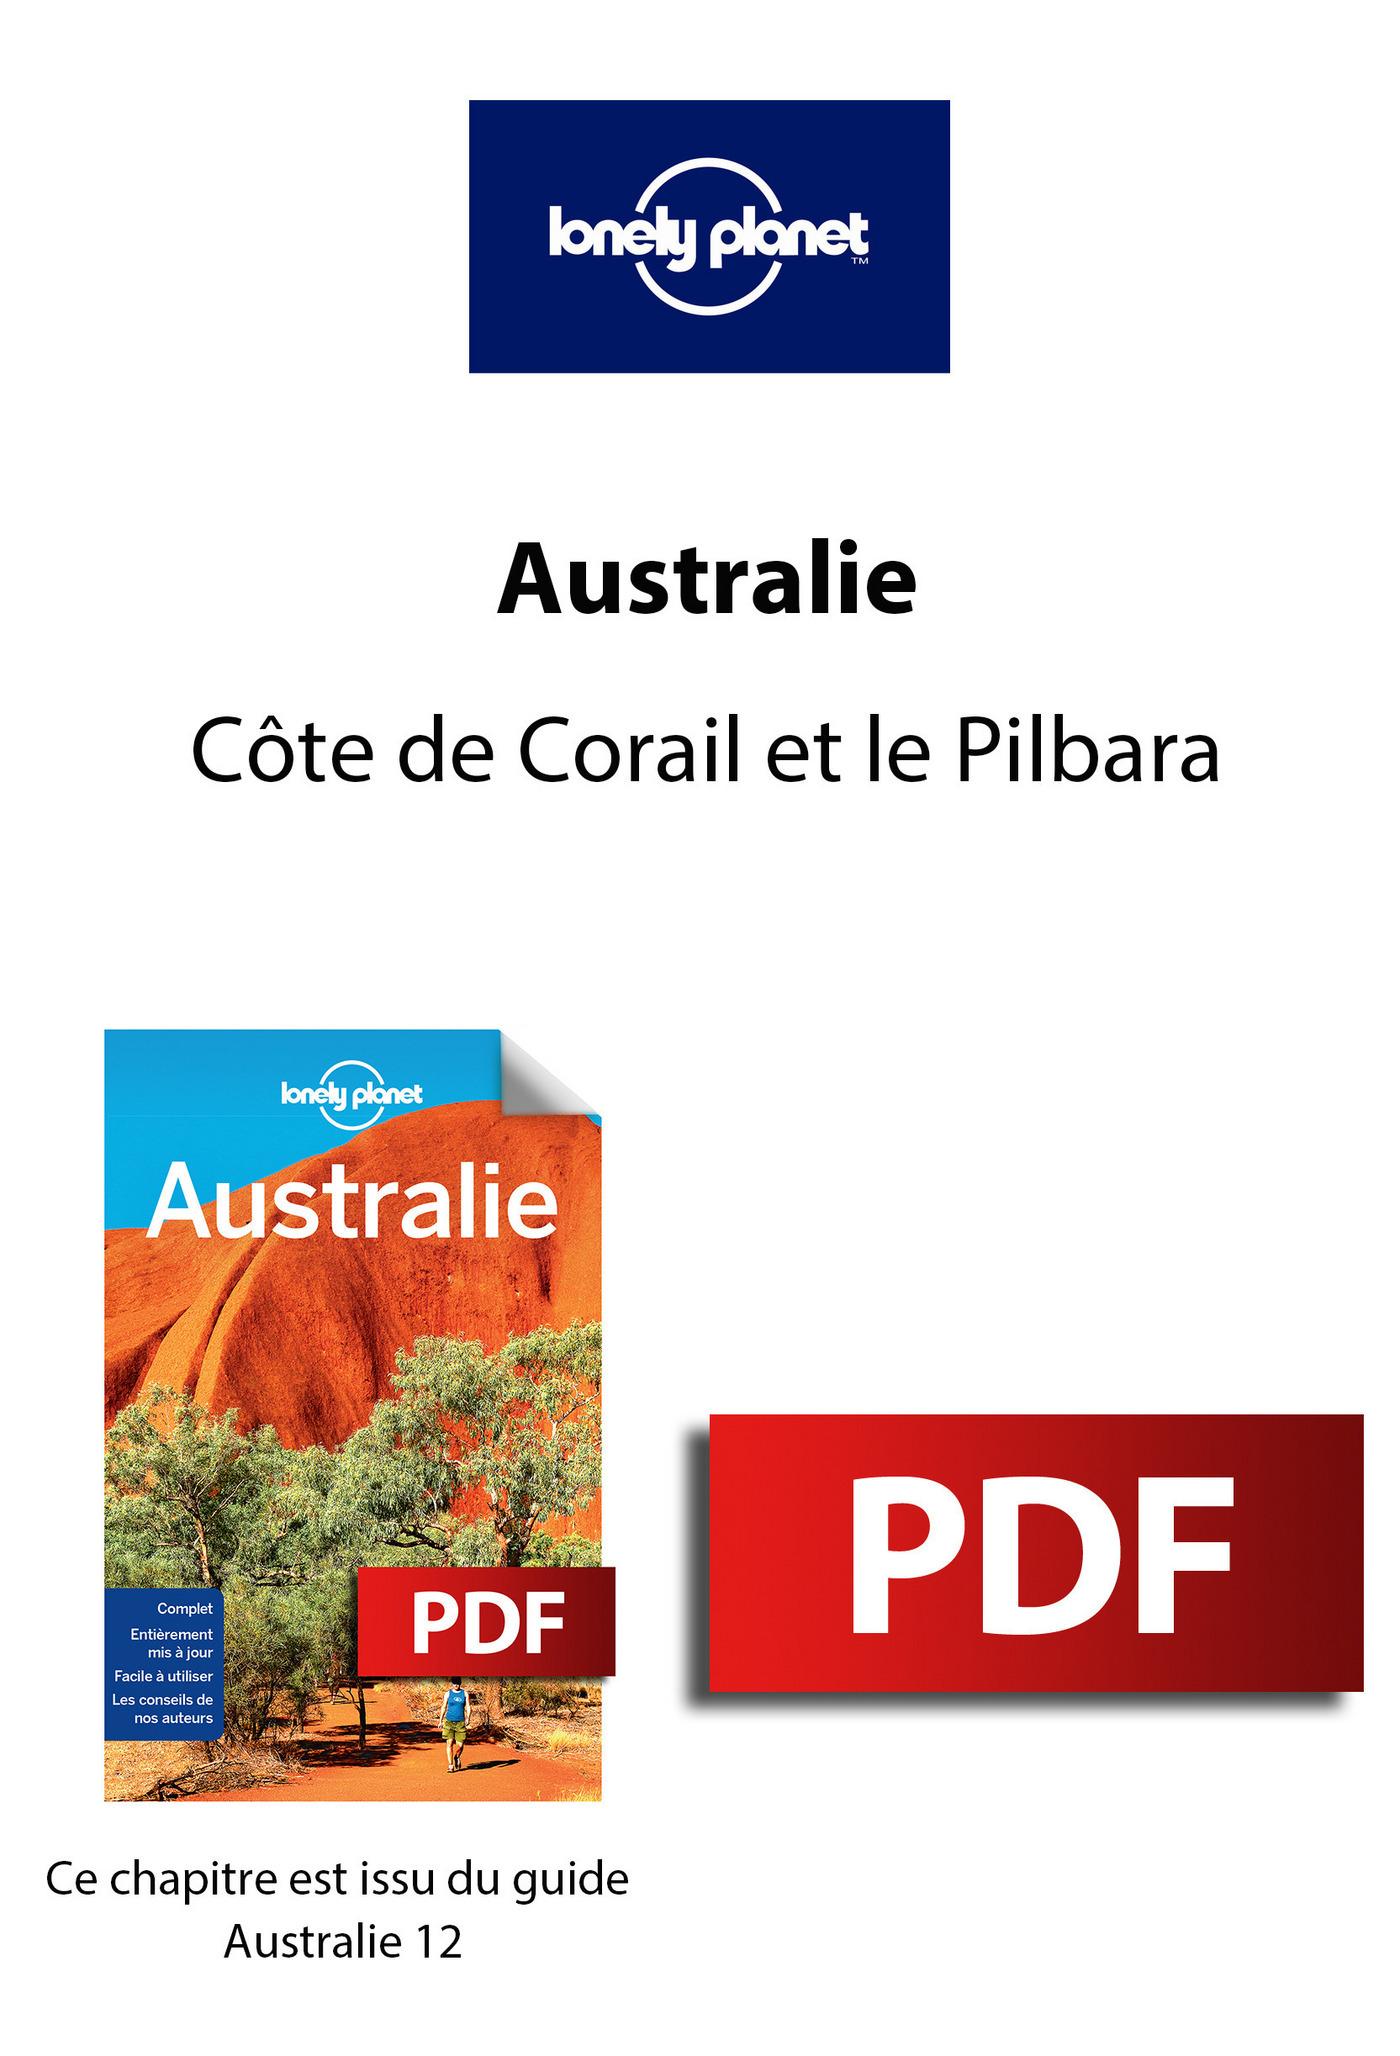 Australie - Côte de Corail et le Pilbara